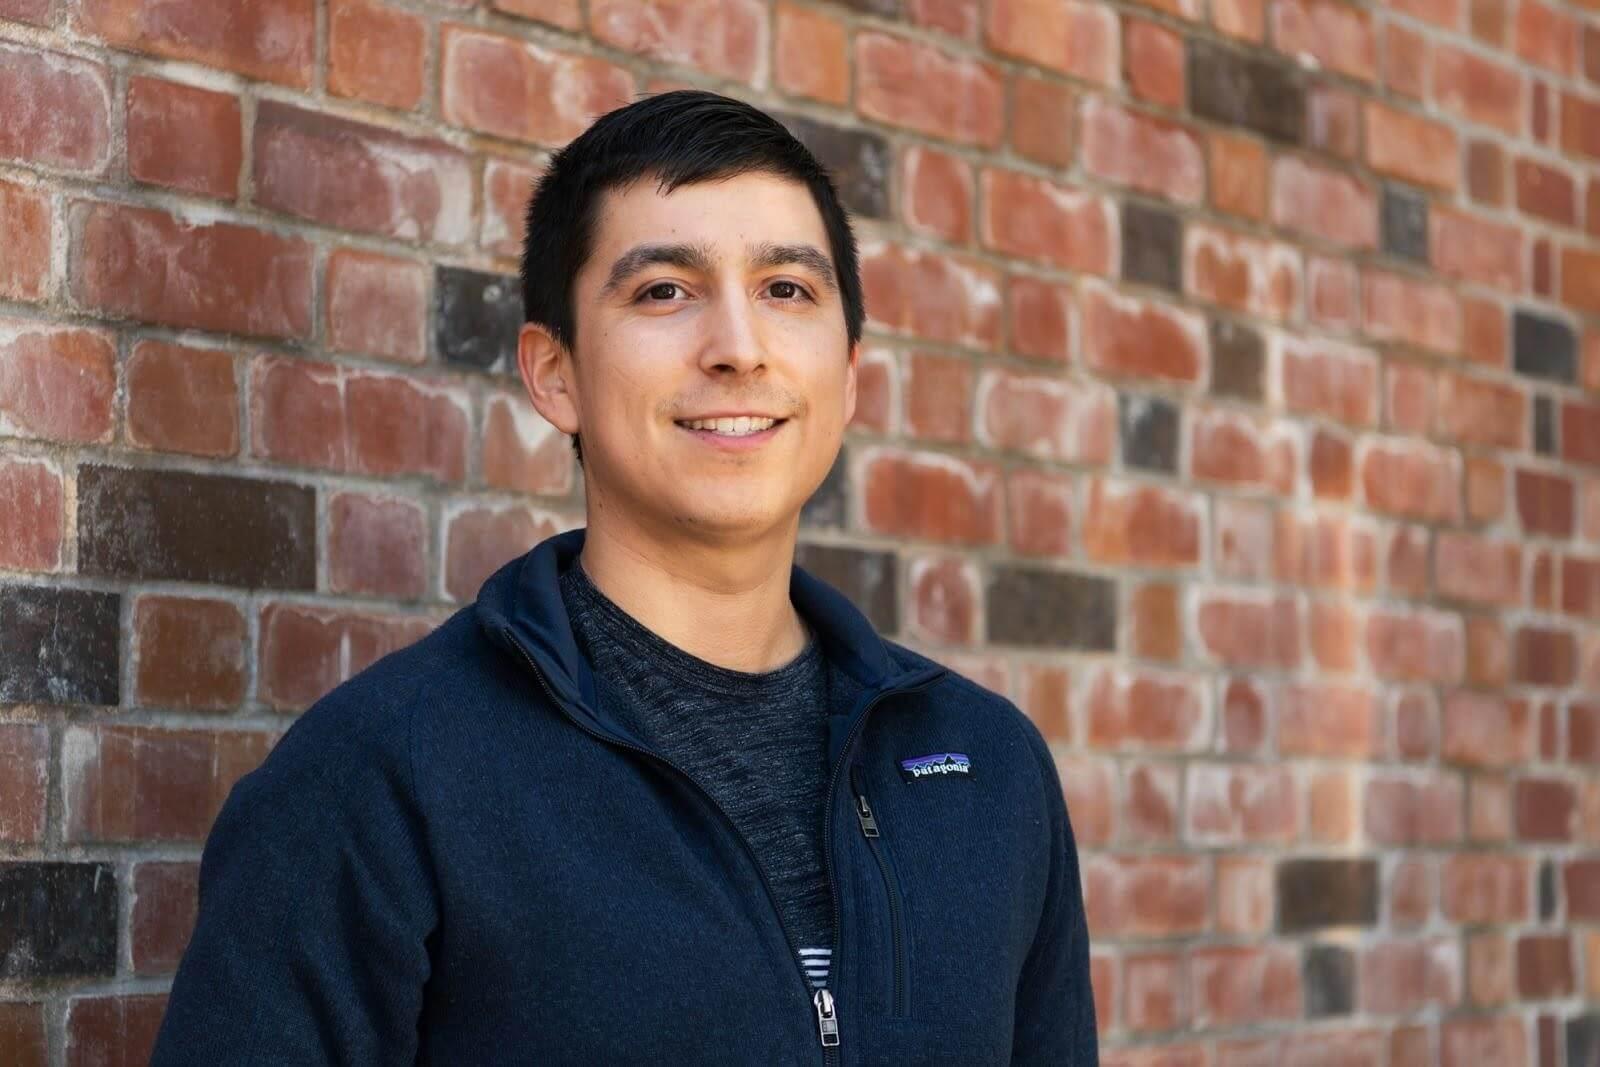 Jeremy Sandoval